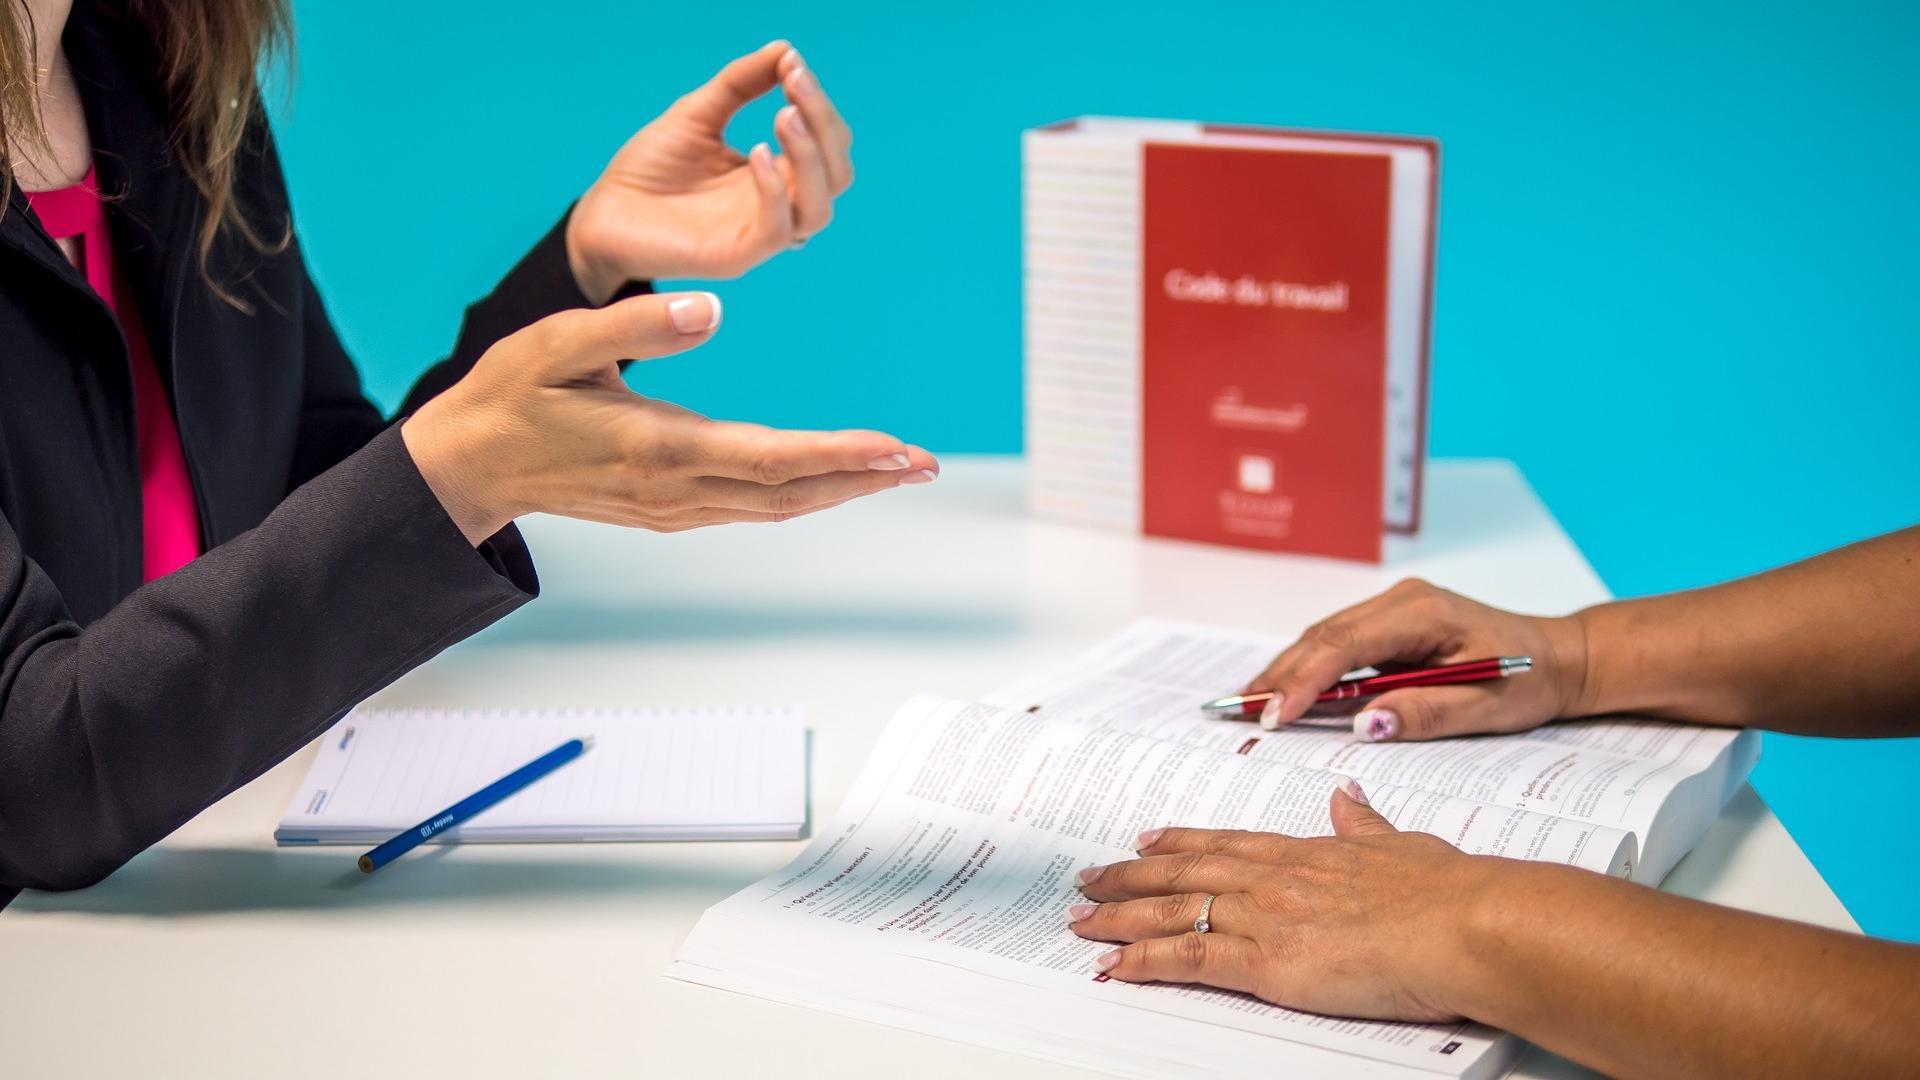 Ruhezeiten zwischen Spät- und Frühdienstsind im Arbeitszeitgesetz geregelt.